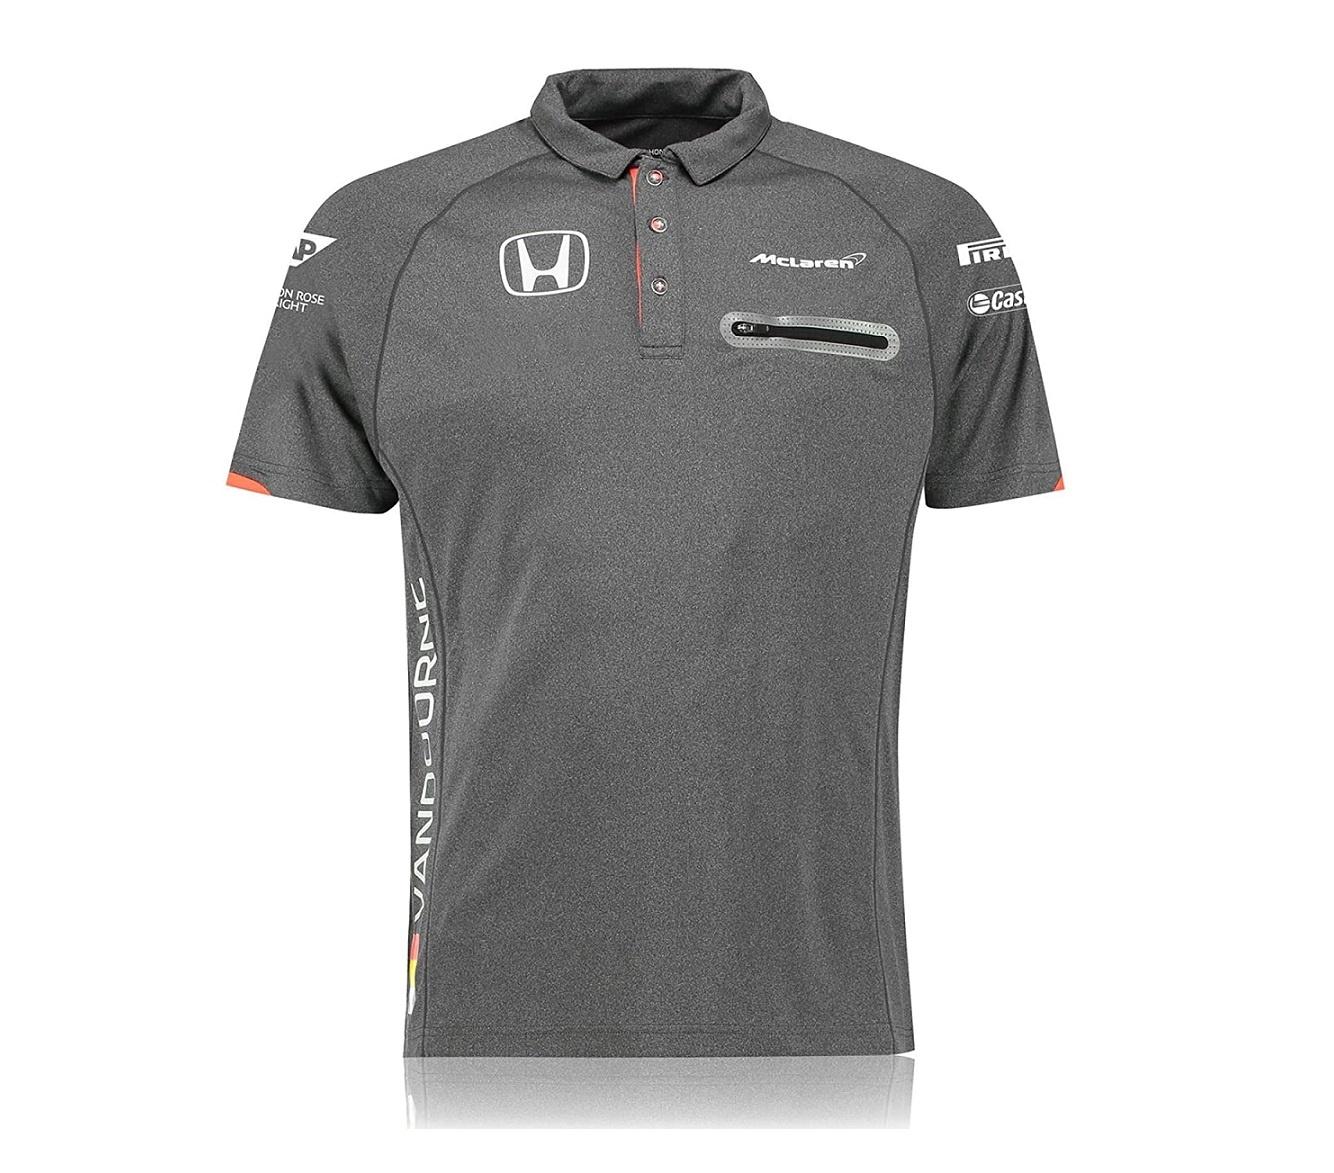 McLaren Polo Official Stoffel Vandoorne Grijs